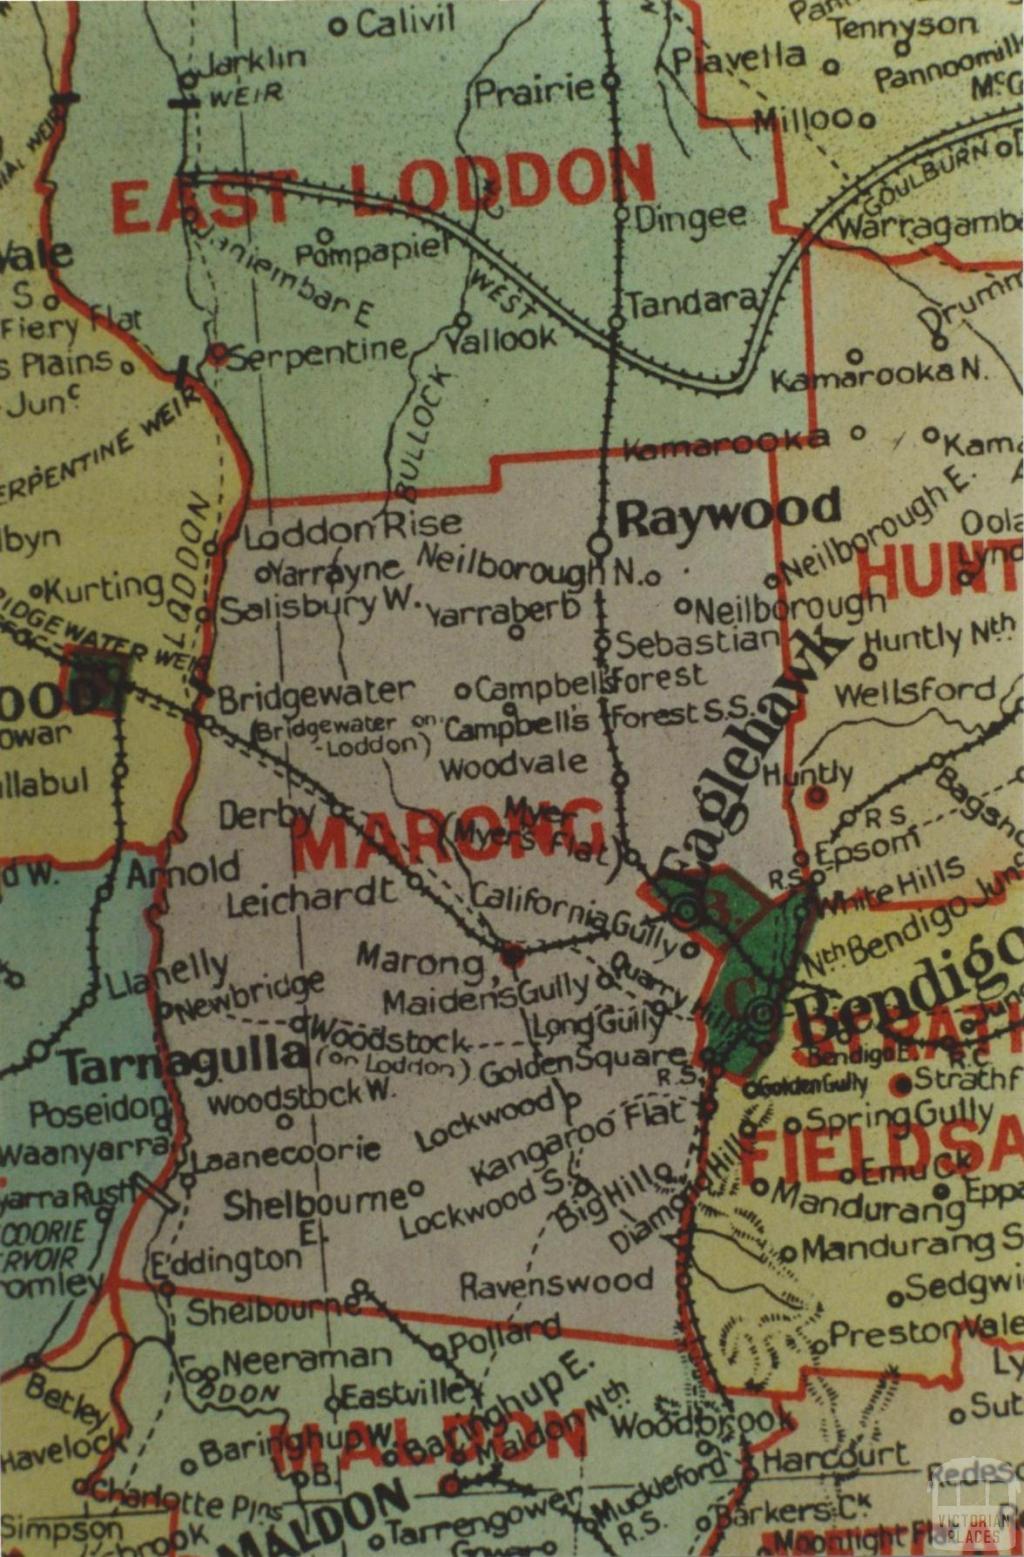 Marong shire map, 1924